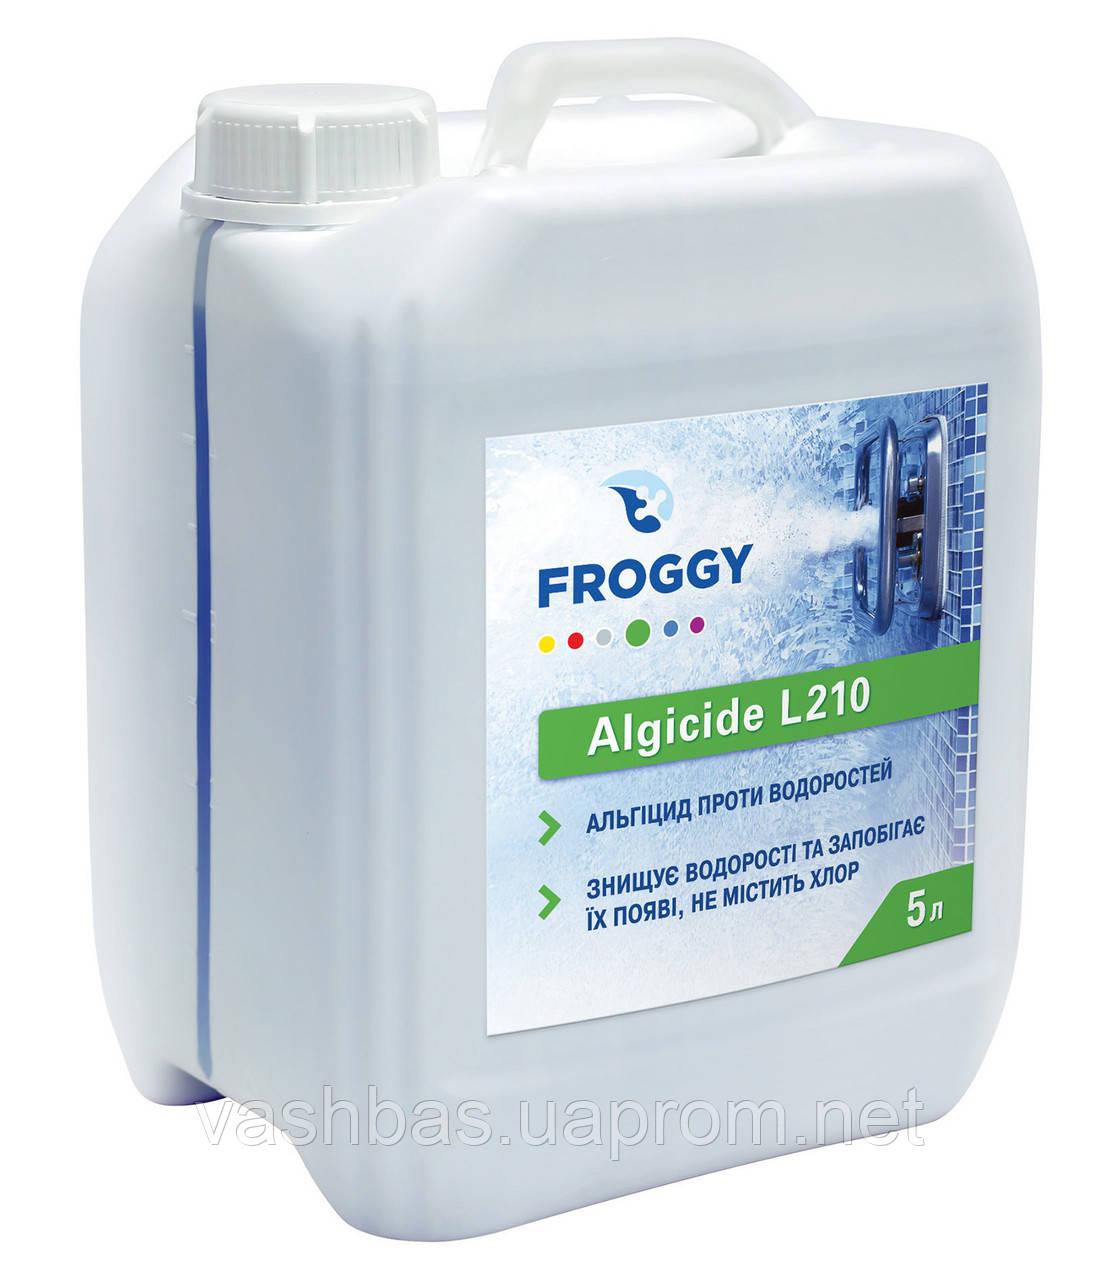 Algicid L210, 5 л средство против водорослей. Химия для бассейна FROGGY™